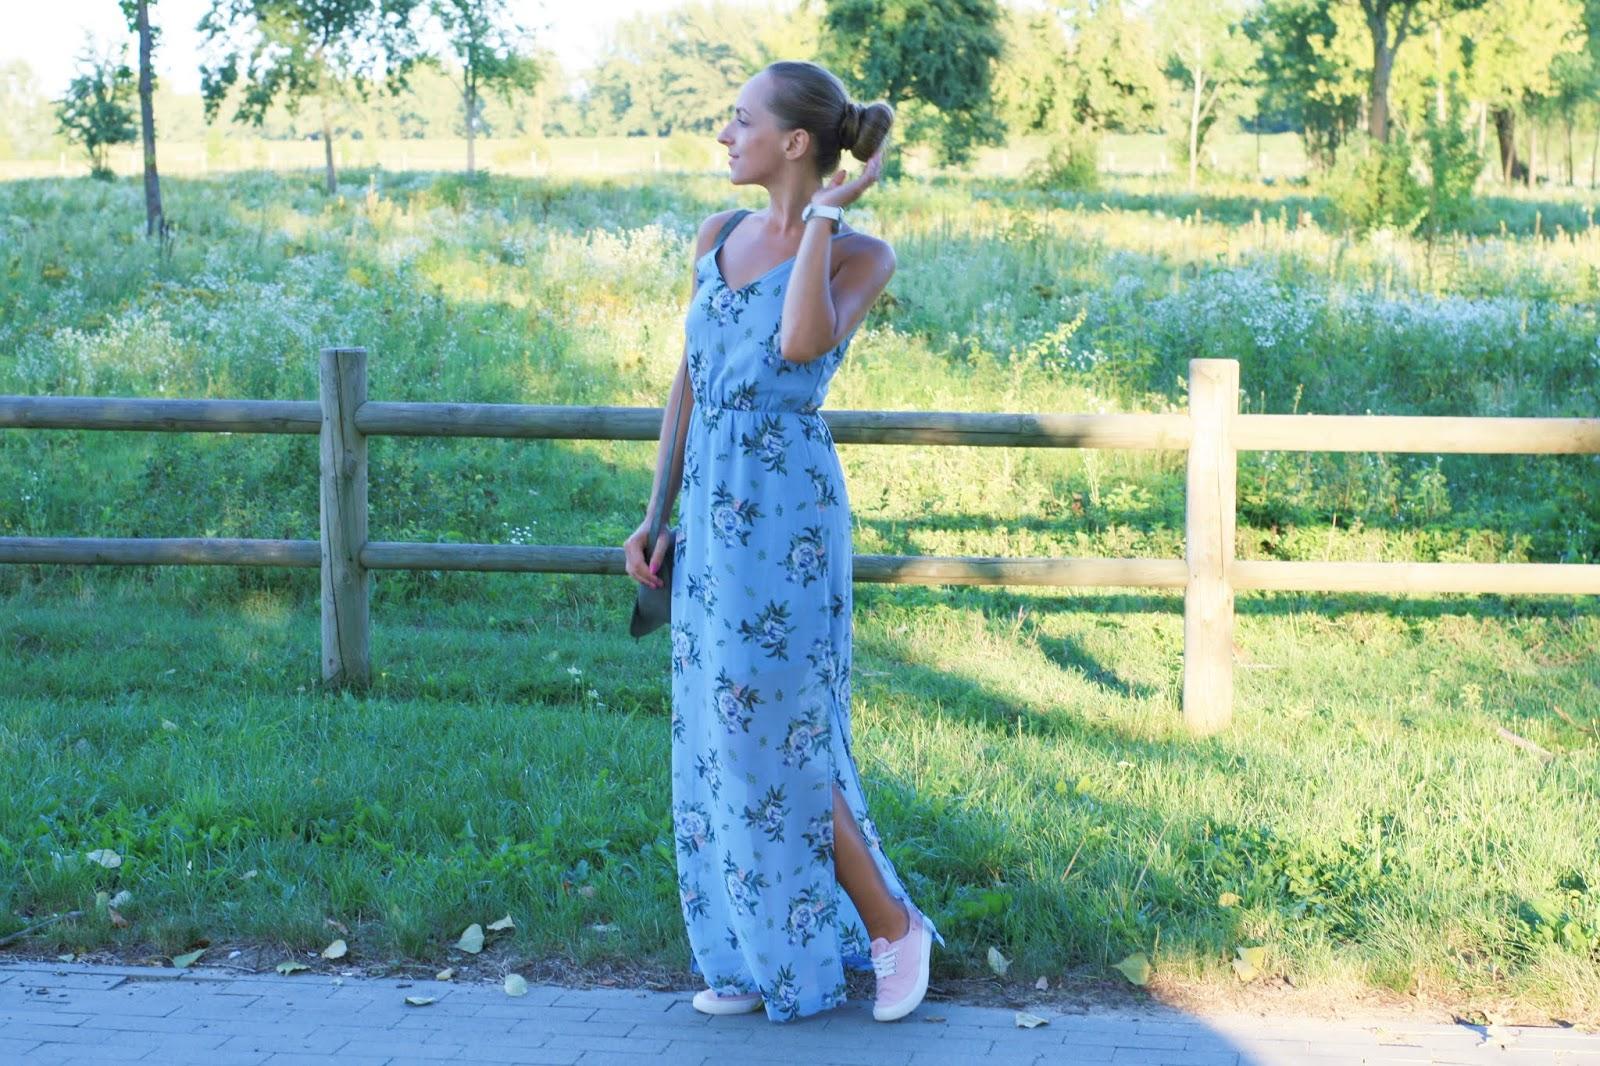 Floral maxi baby blue dress | Błękitna sukienka maxi z kwiatowym wzorem